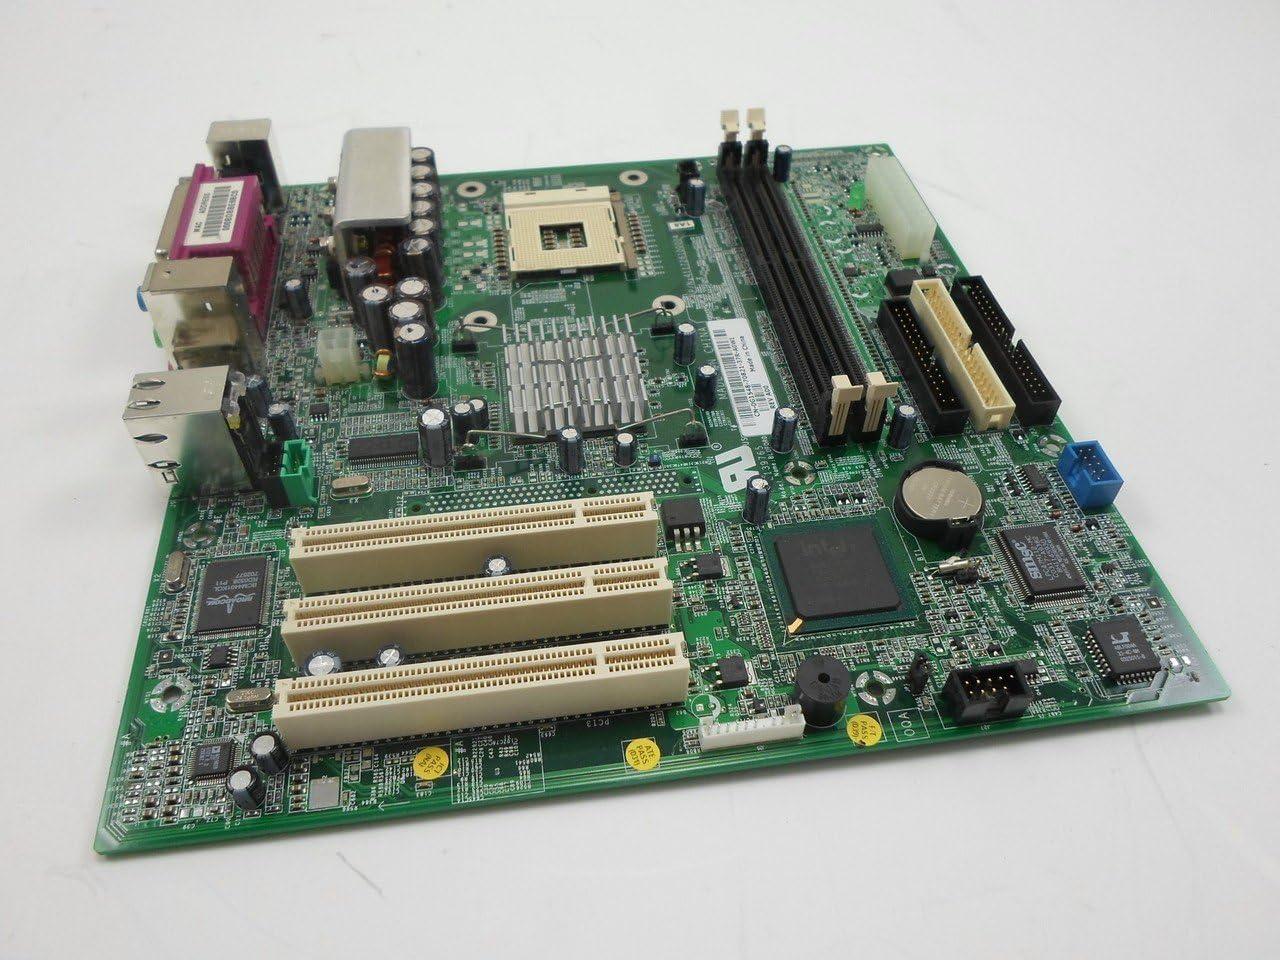 DELL G1548 DIMENSION 2400 SYSTEM BOARD